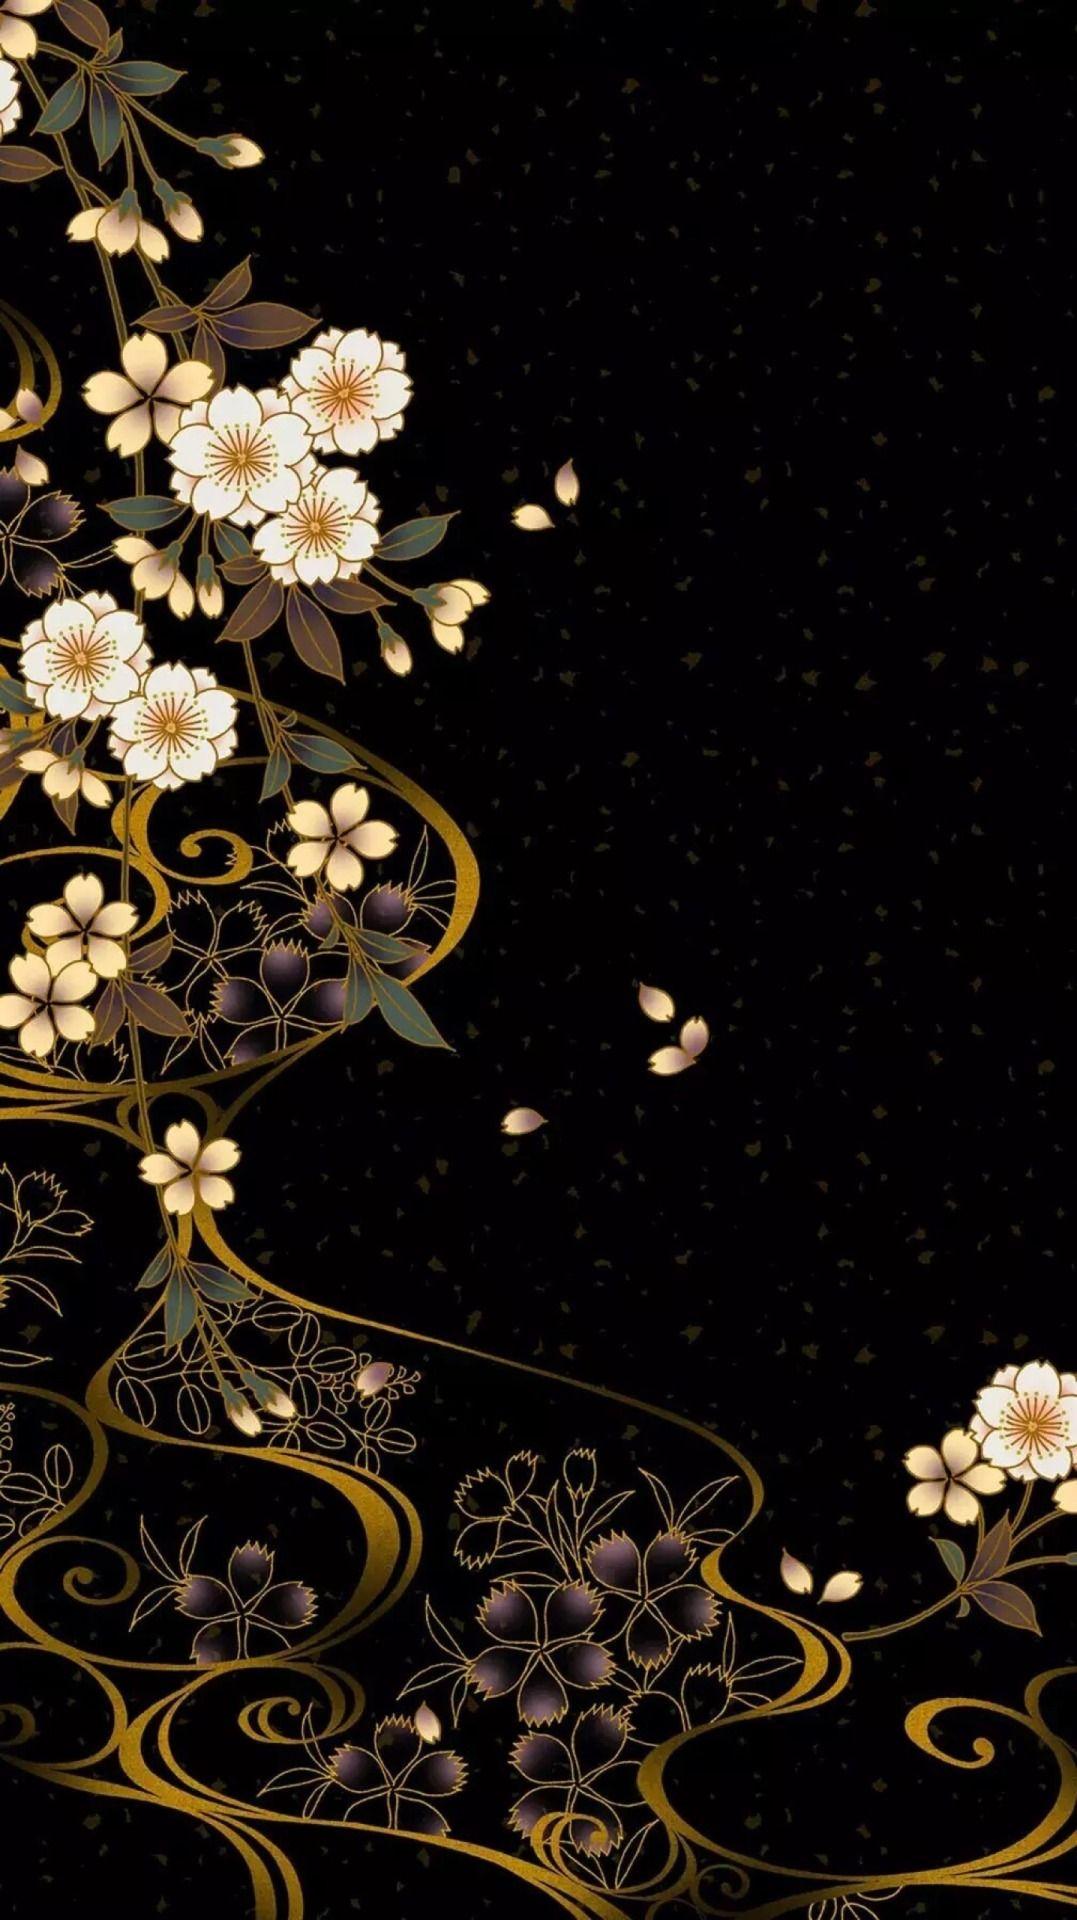 Iphone Wallpapers Cellphone Wallpaper Iphone Wallpaper Art